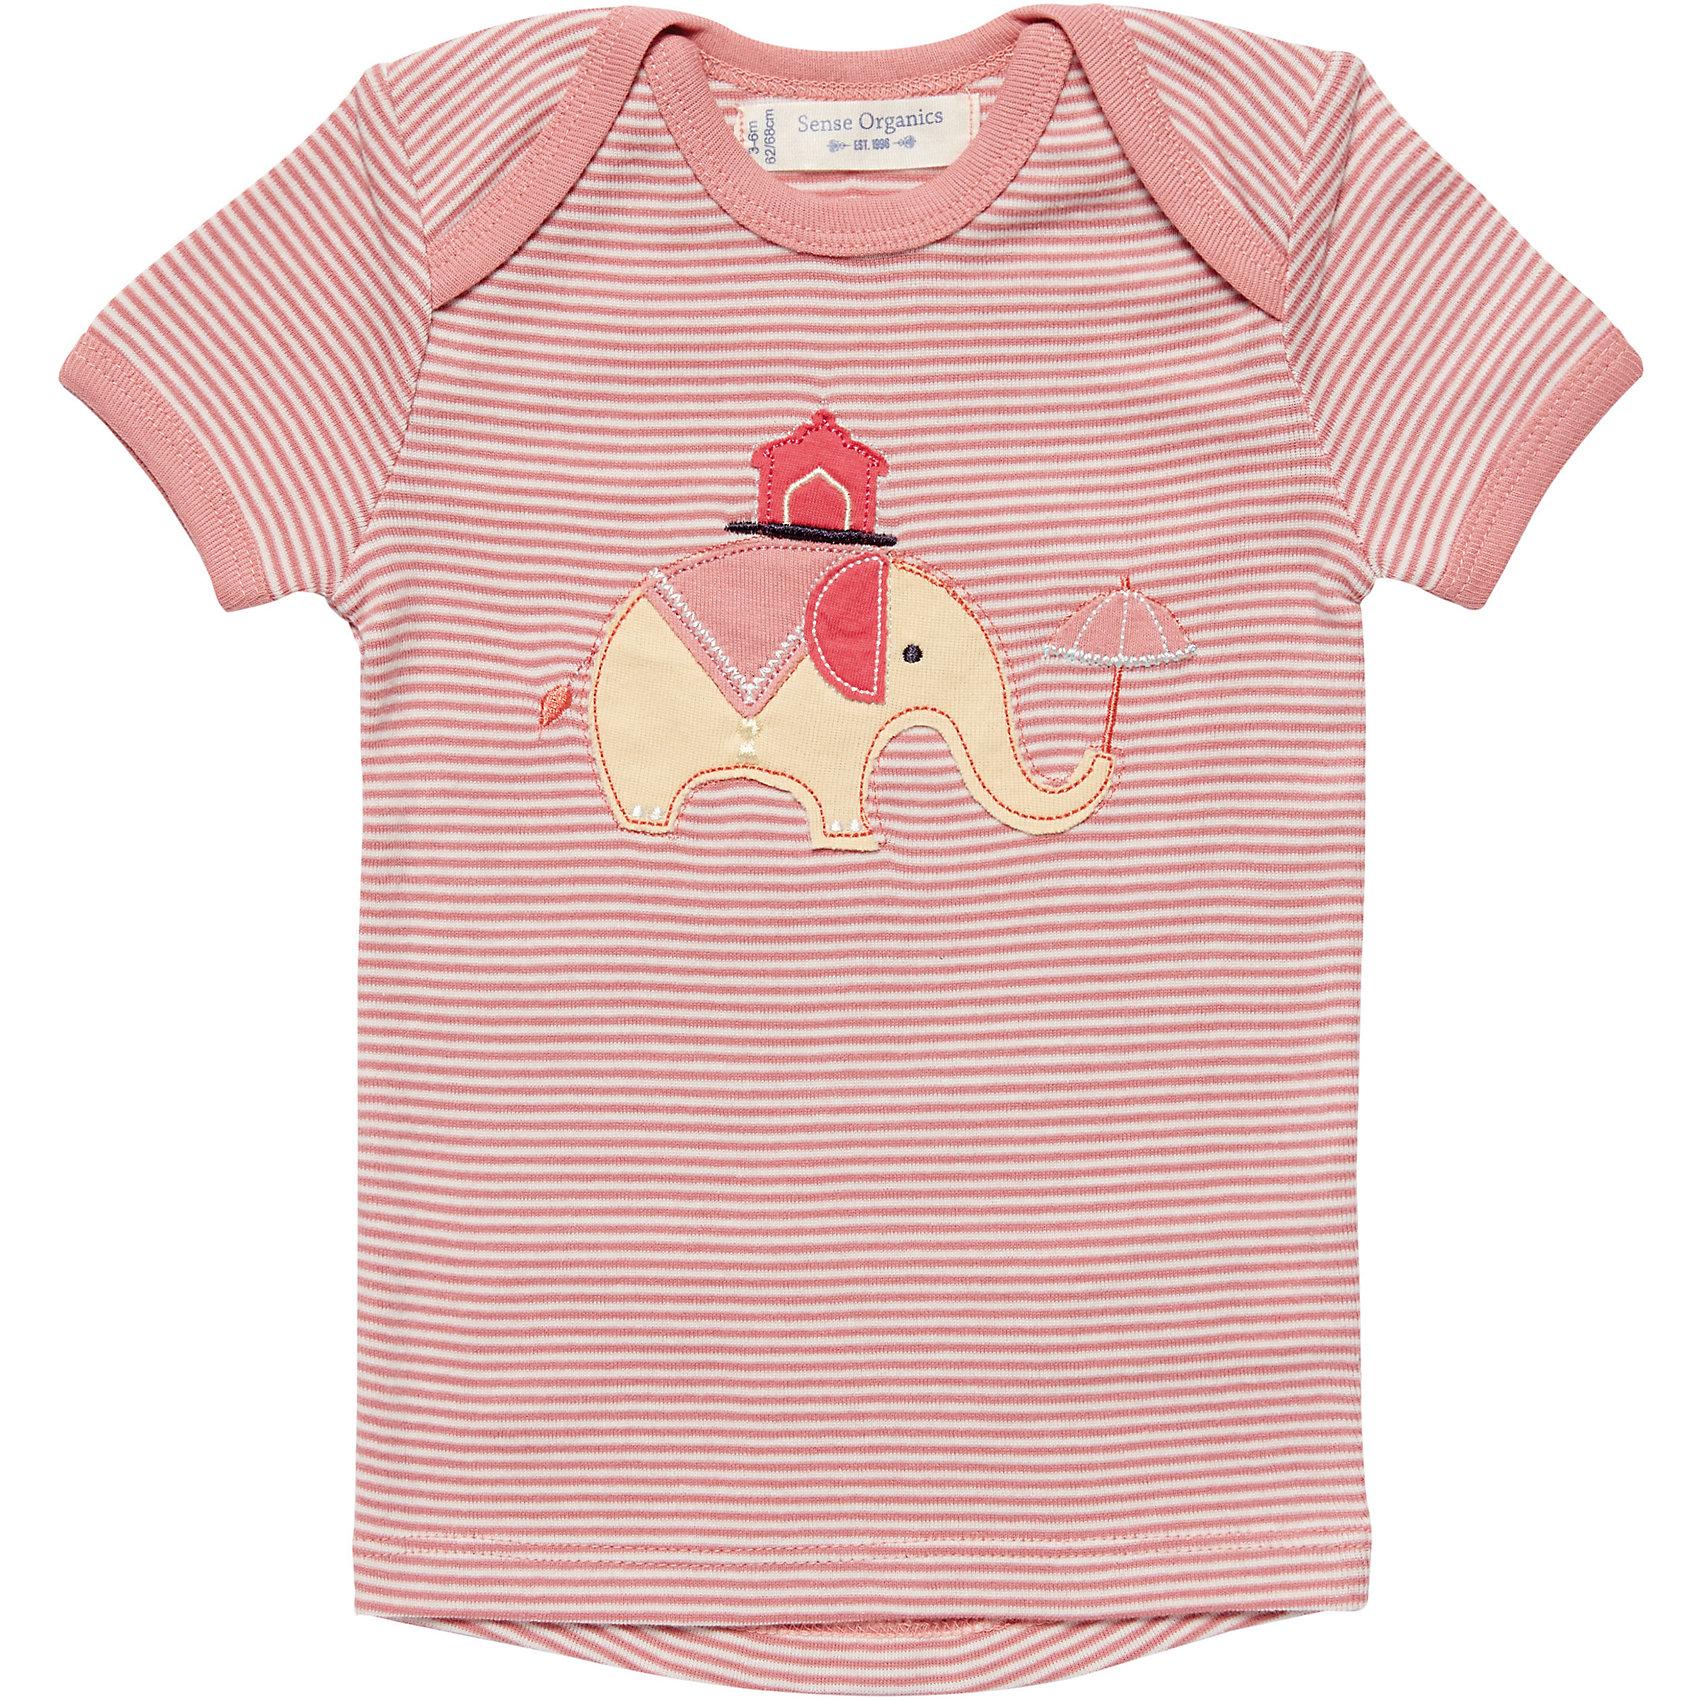 Organic Cotton 7574242 für Mädchen Neu Sense Organics Baby T-Shirt für Mädchen